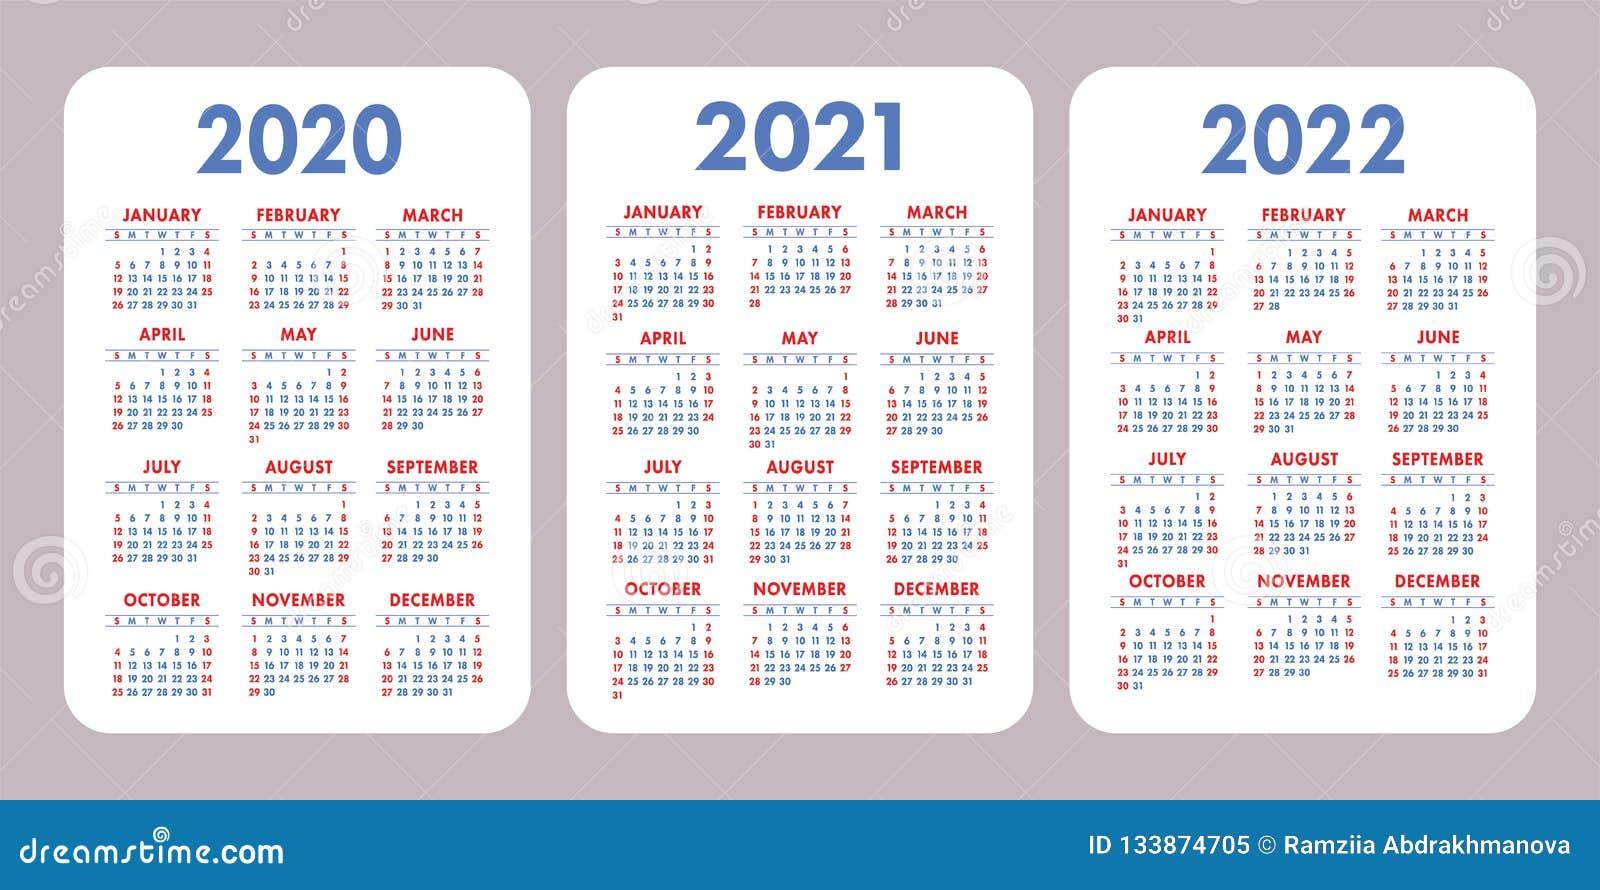 Settimane Calendario 2020.Calendario 2020 2021 2022 Anni Progettazione Verticale Del